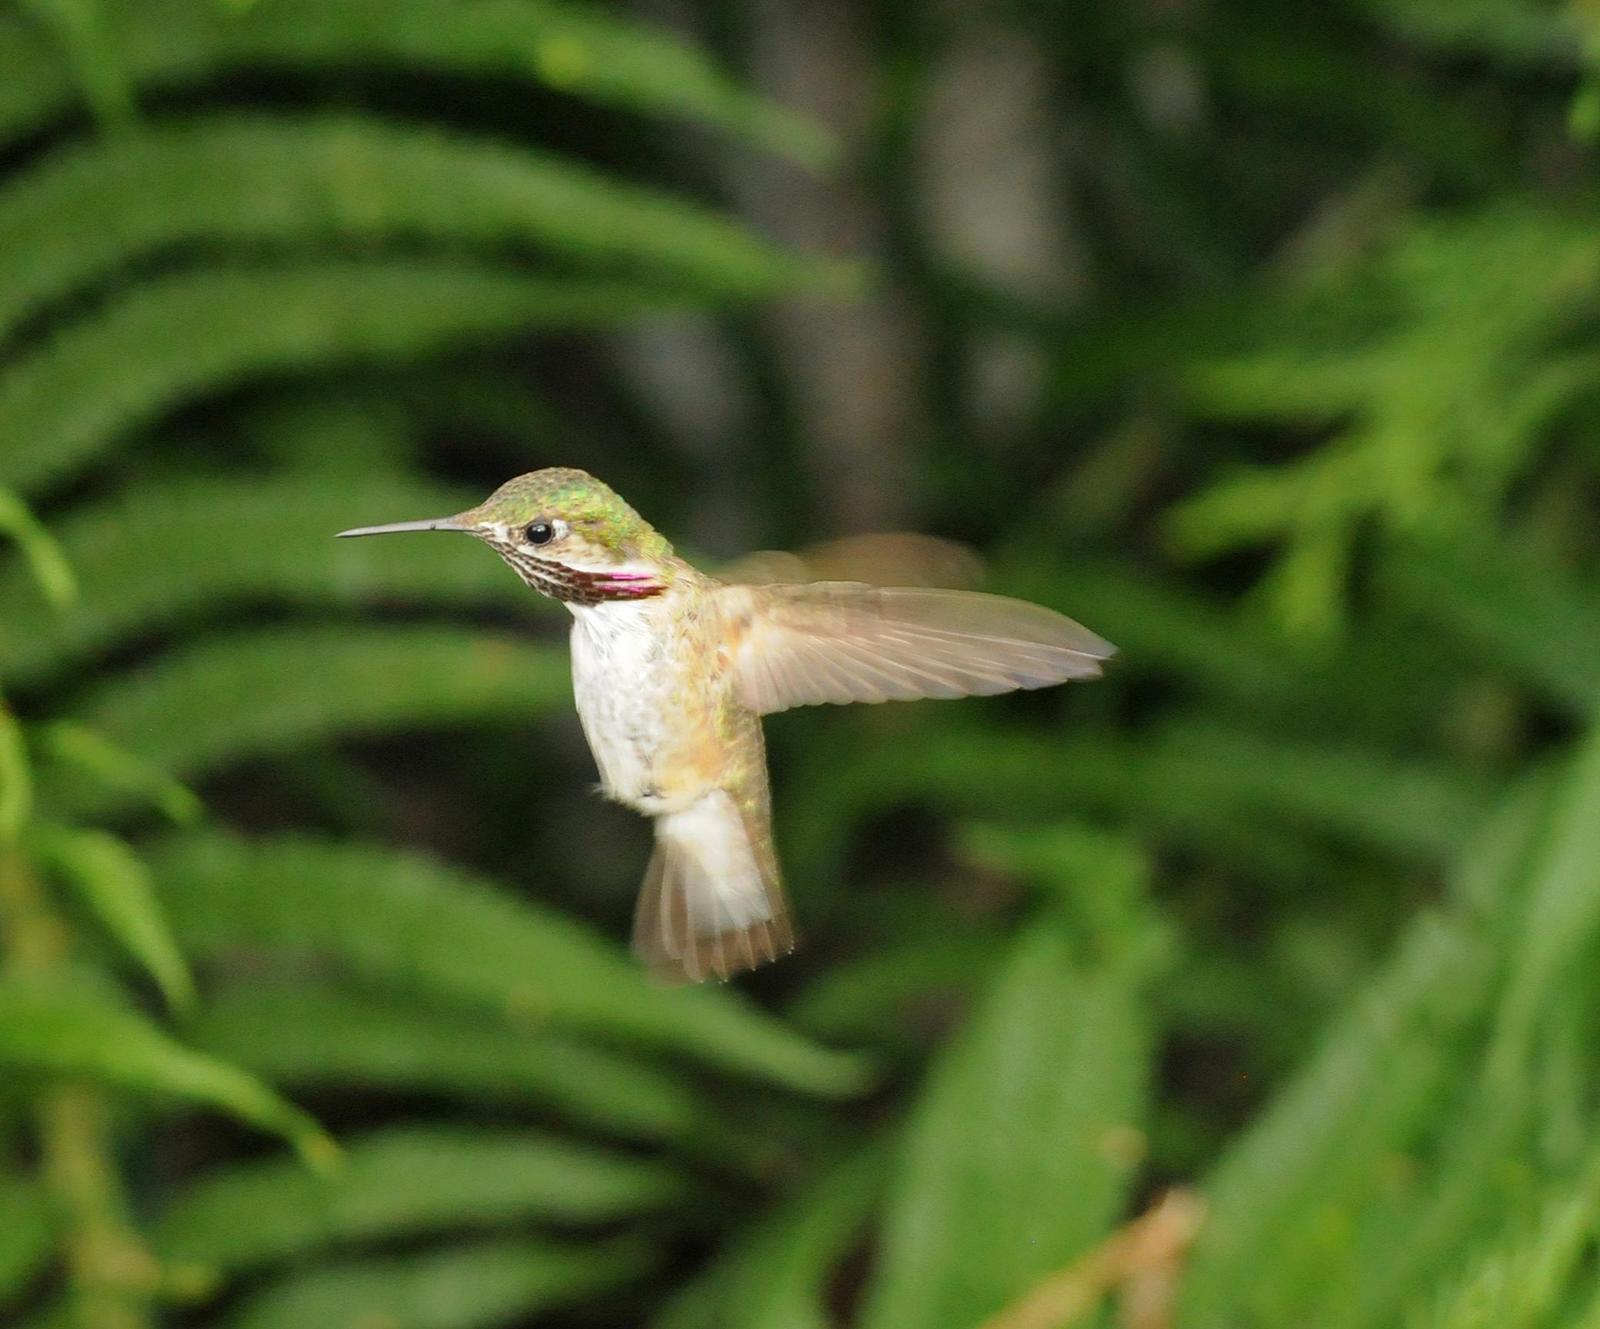 Calliope Hummingbird Photo by Steven Mlodinow